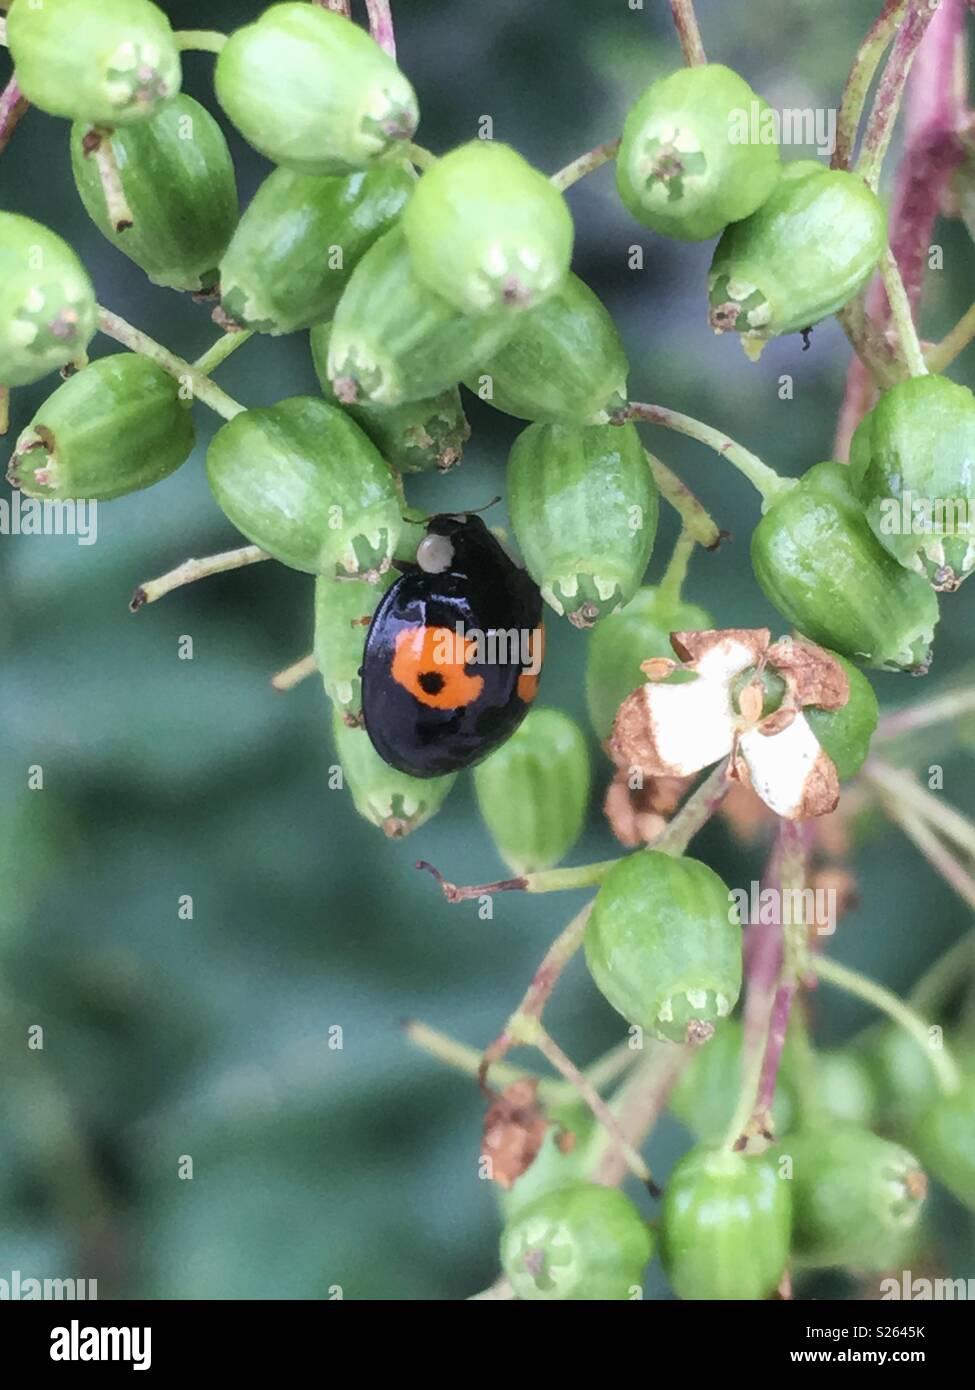 Ladybug with unusual pattern - Marienkäfer mit ungewöhnlicher Musterung - Stock Image